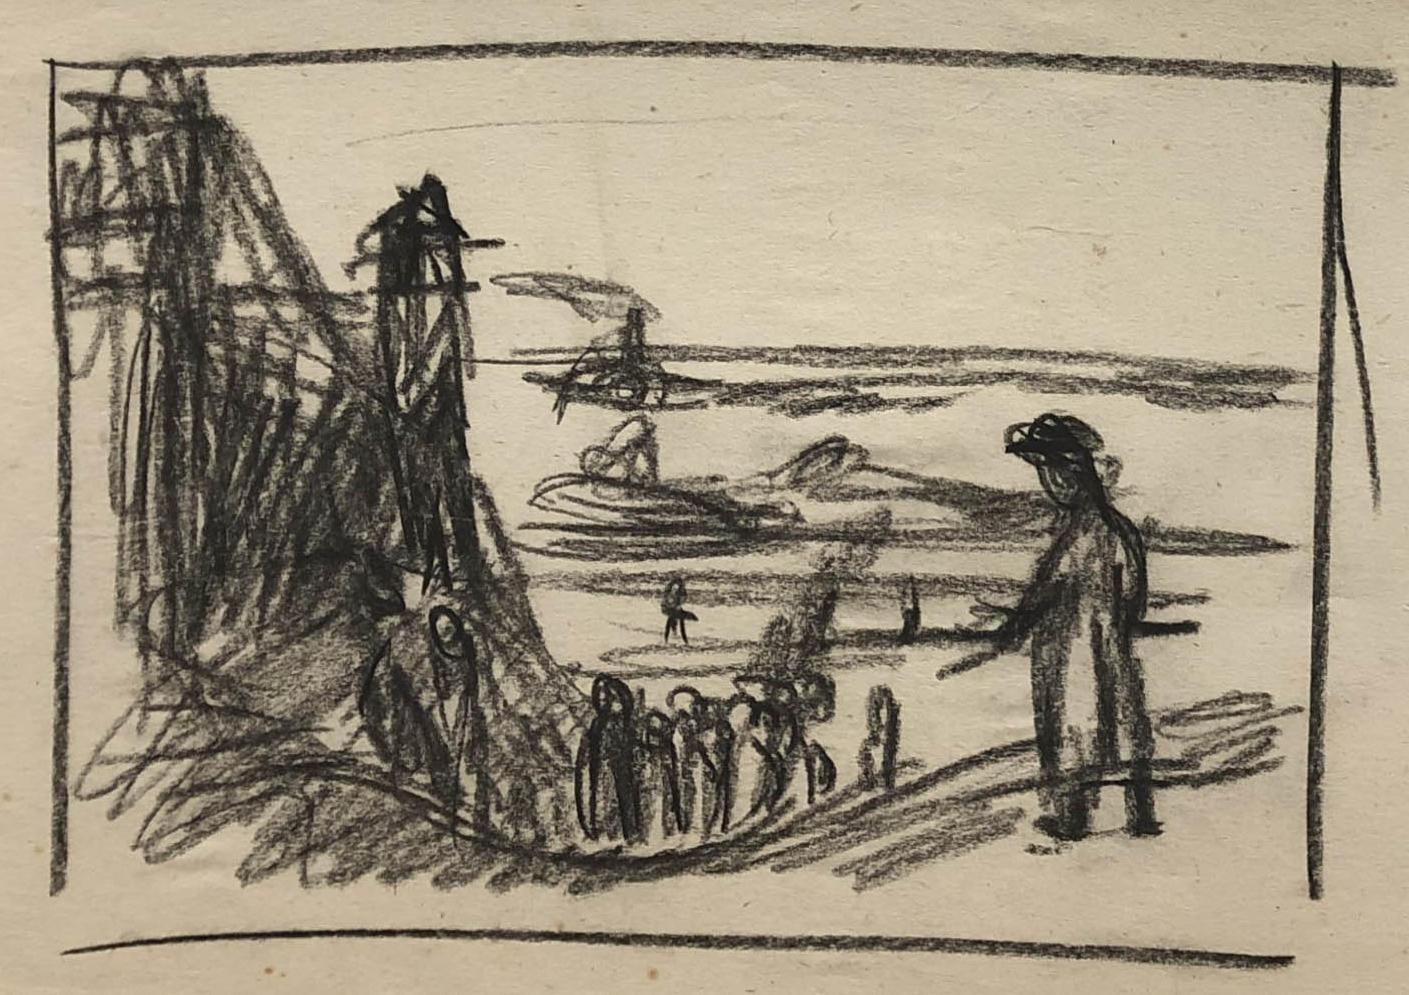 Rysunek przedstawiający więźniów idących doobozu nadPeczorą Woddali widać rzekę ibarki. Obóz wKożwie nadPeczorą, rysunek ołówkiem, Adam Kossowski, praca stworzona wLondynie w1943 roku. .